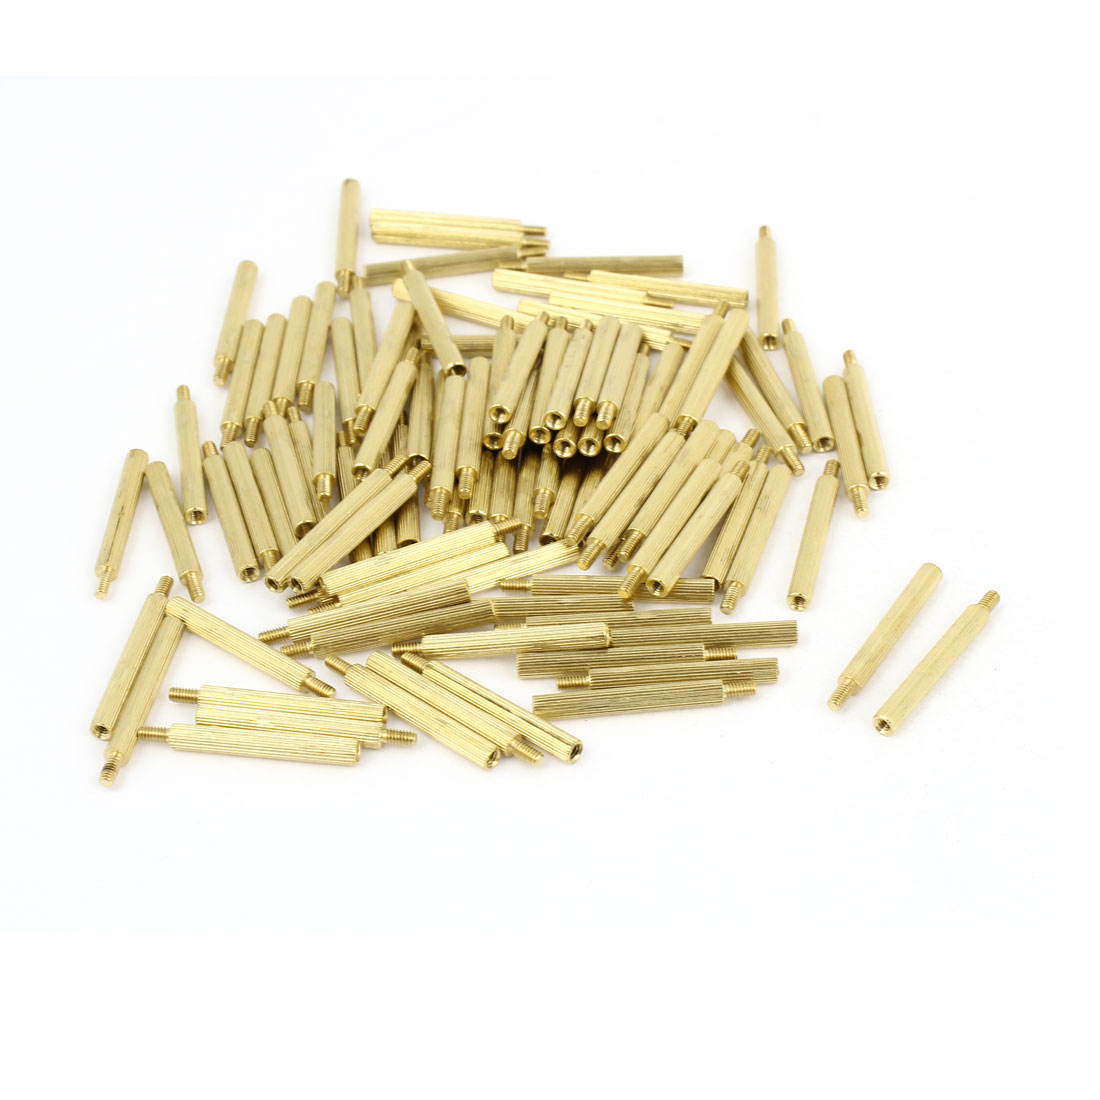 100Pcs Male to Female Thread PCB Board Knurled Brass Pillars Standoff M2x23mm